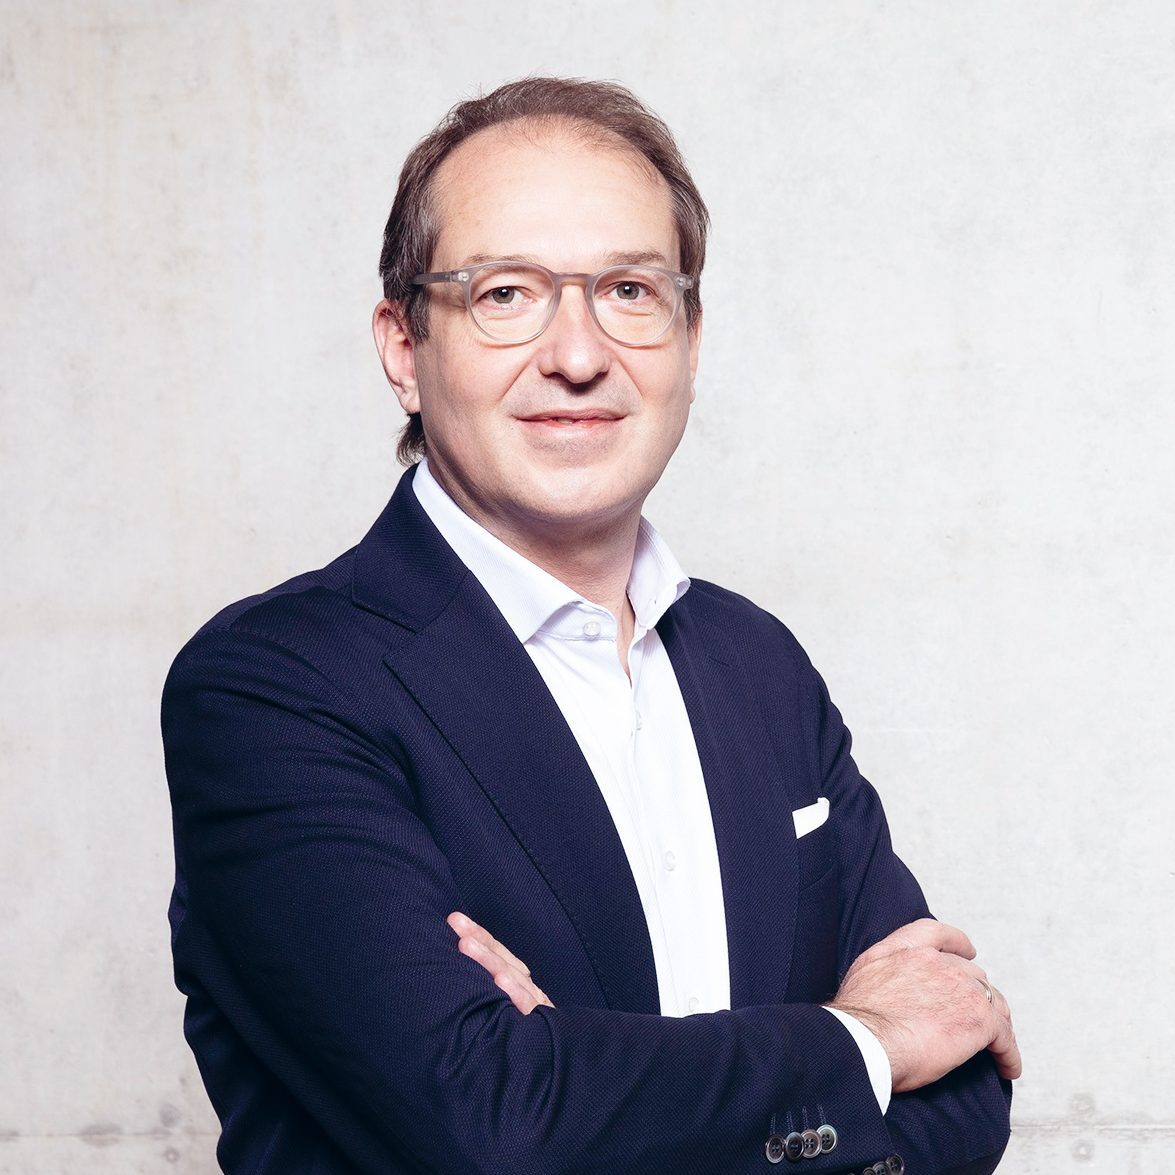 Die bayerischen Spitzenkandidaten bei der Bundestagswahl beziehen Stellung